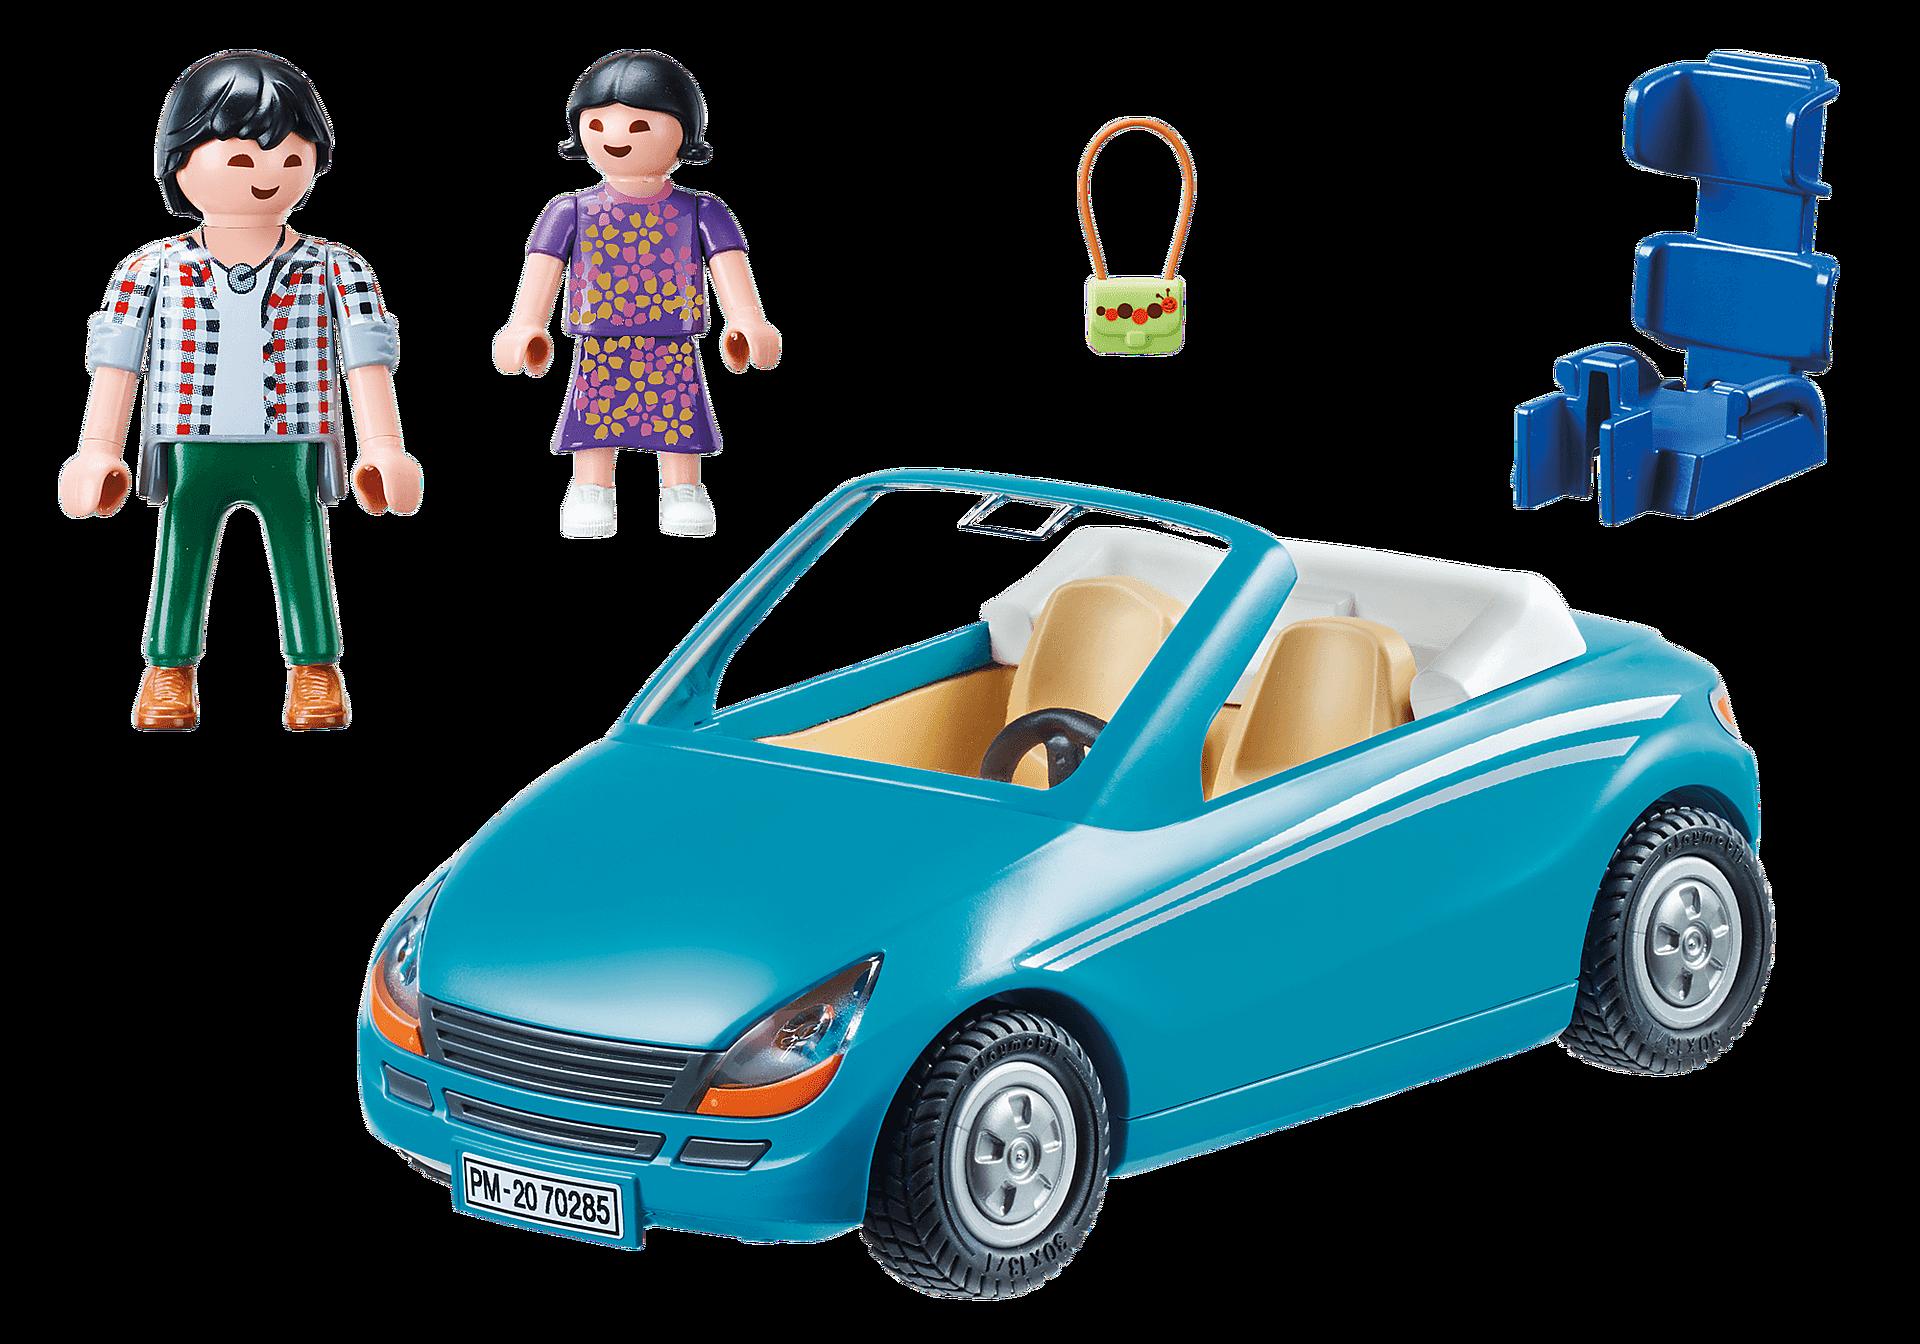 70285 Papà e bimba con cabrio zoom image4